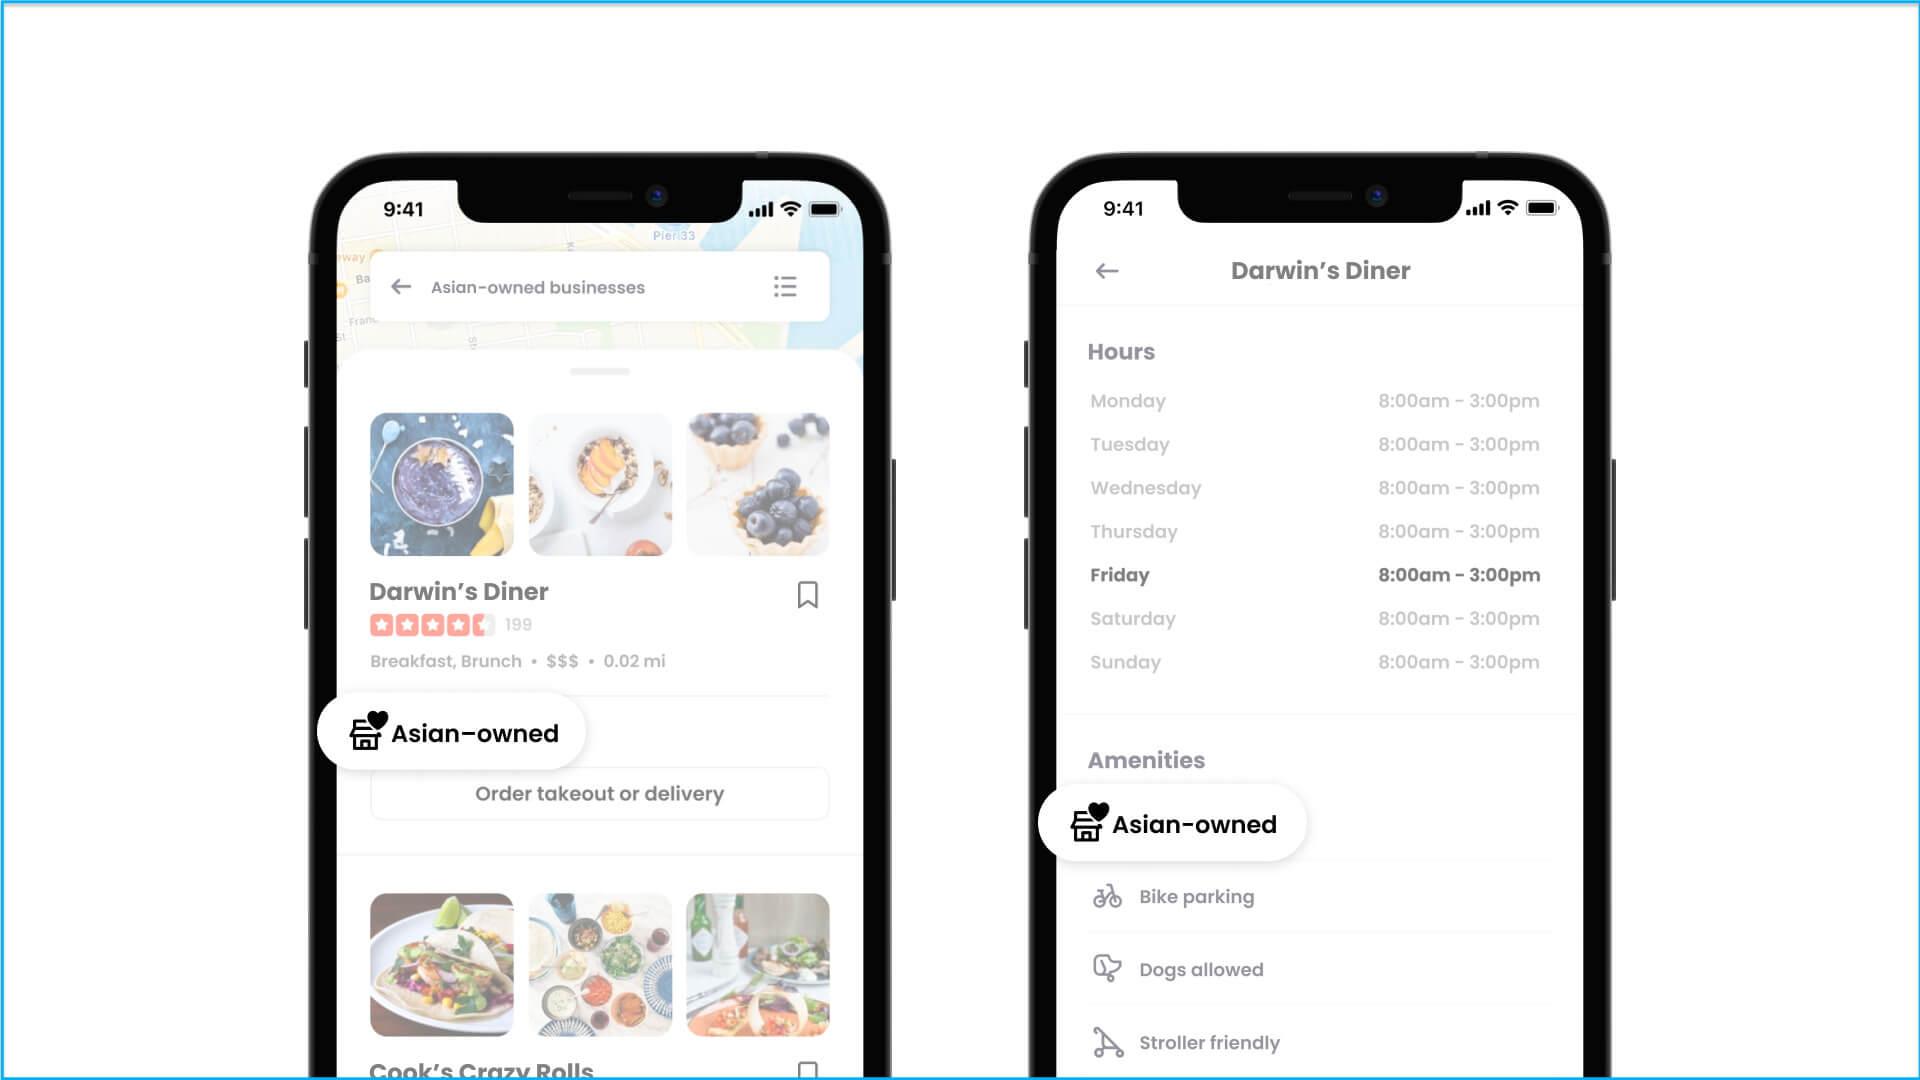 Yelp introduce un atributo de perfil de empresa de propiedad asiática que se puede buscar